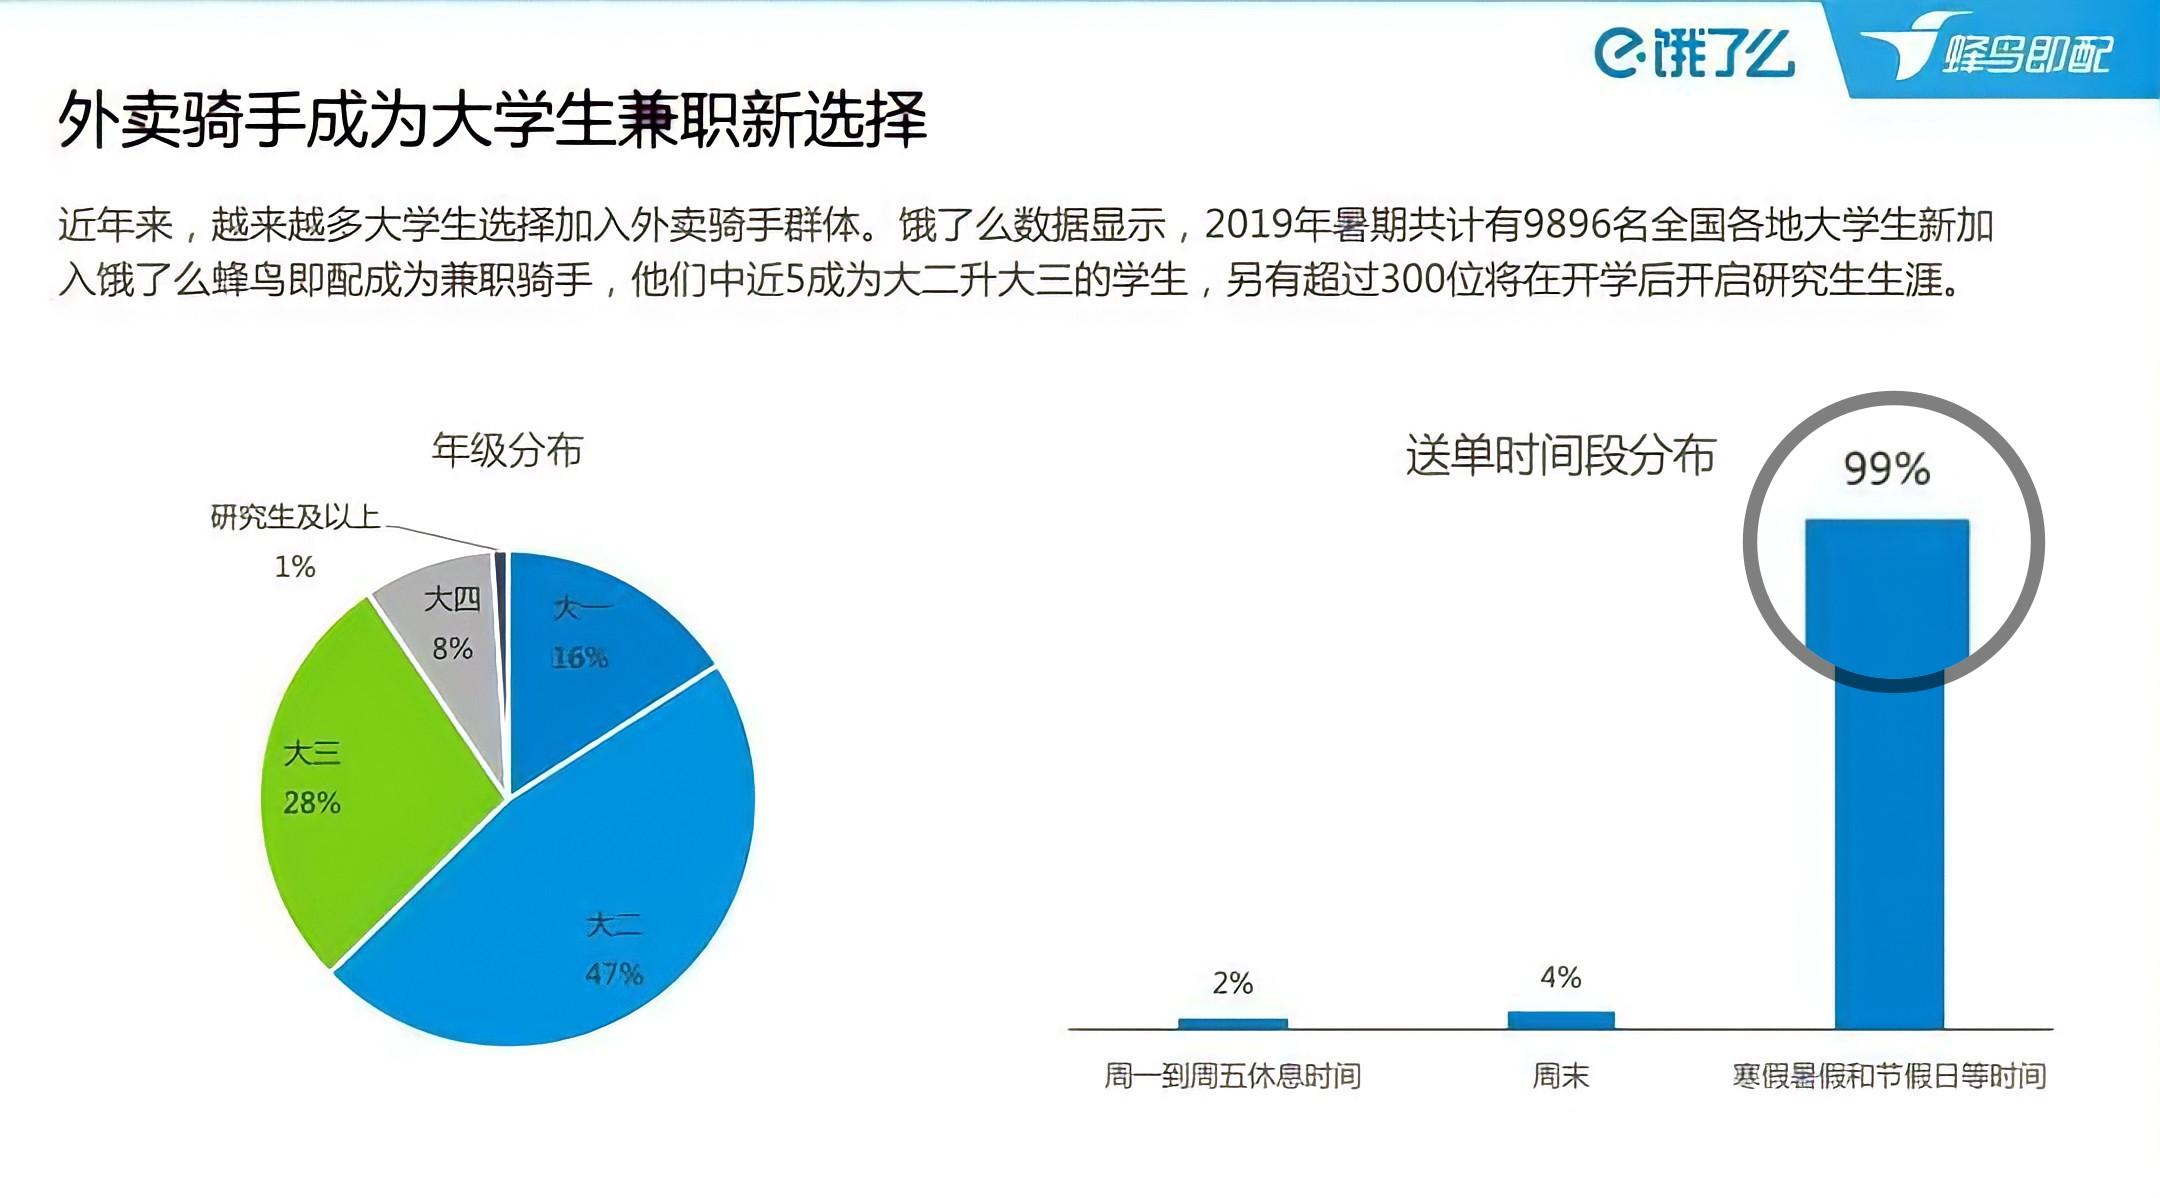 70 nghìn Thạc sĩ nối đuôi nhau làm nghề shipper: Con số biết nói khiến dư luận Trung Quốc hoang mang tột độ những ngày qua - Ảnh 2.